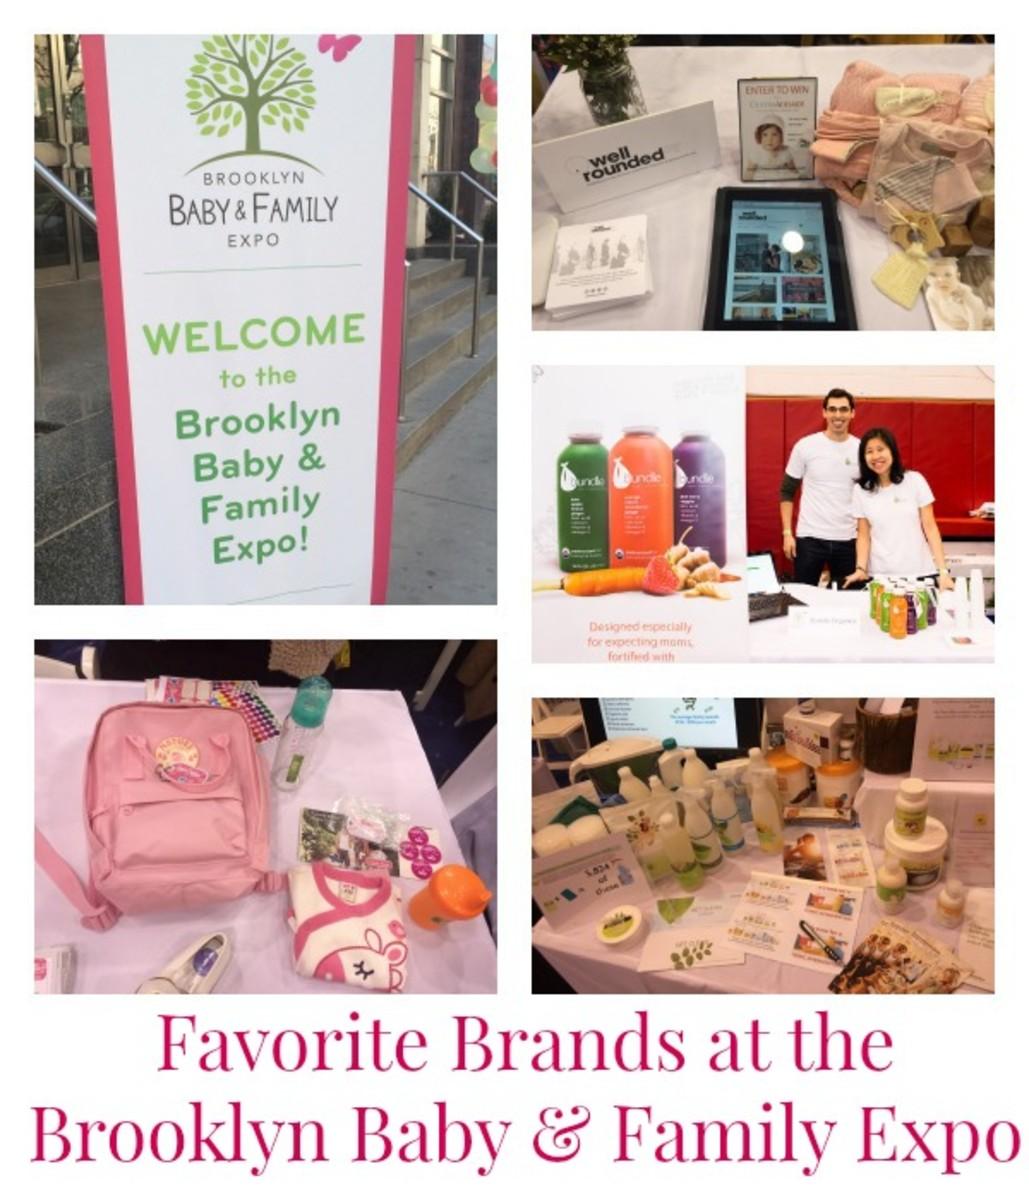 Brooklyn-Expo-Favorites1.jpg1.jpg